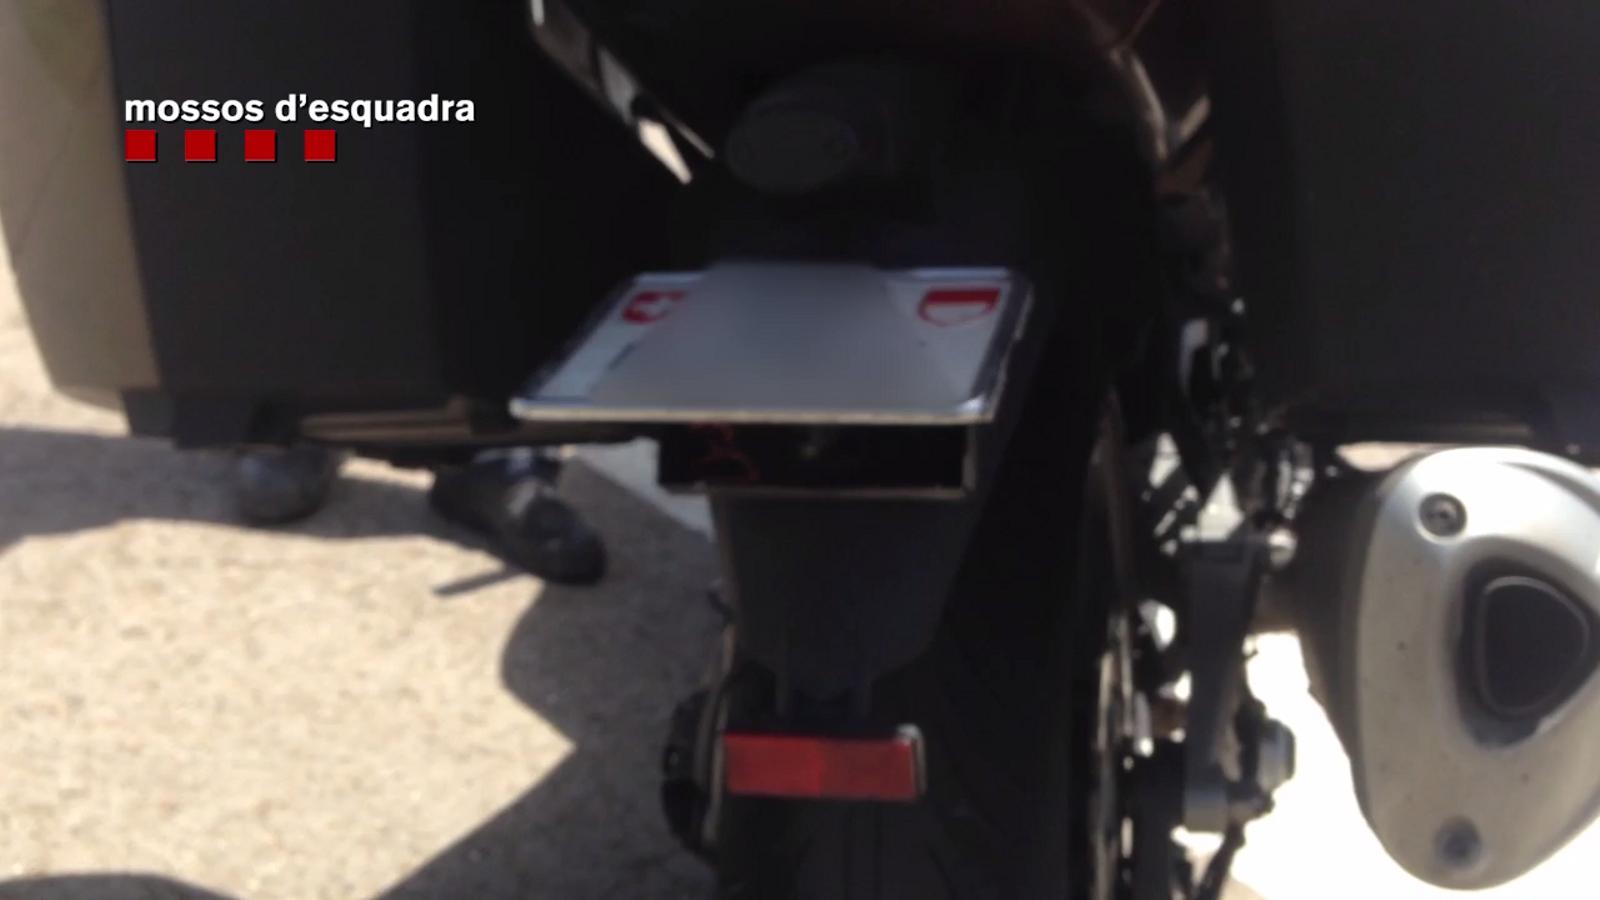 Mecanisme que un motorista s'havia instal·lat perquè la policia no li veiés la matrícula i evitar les multes